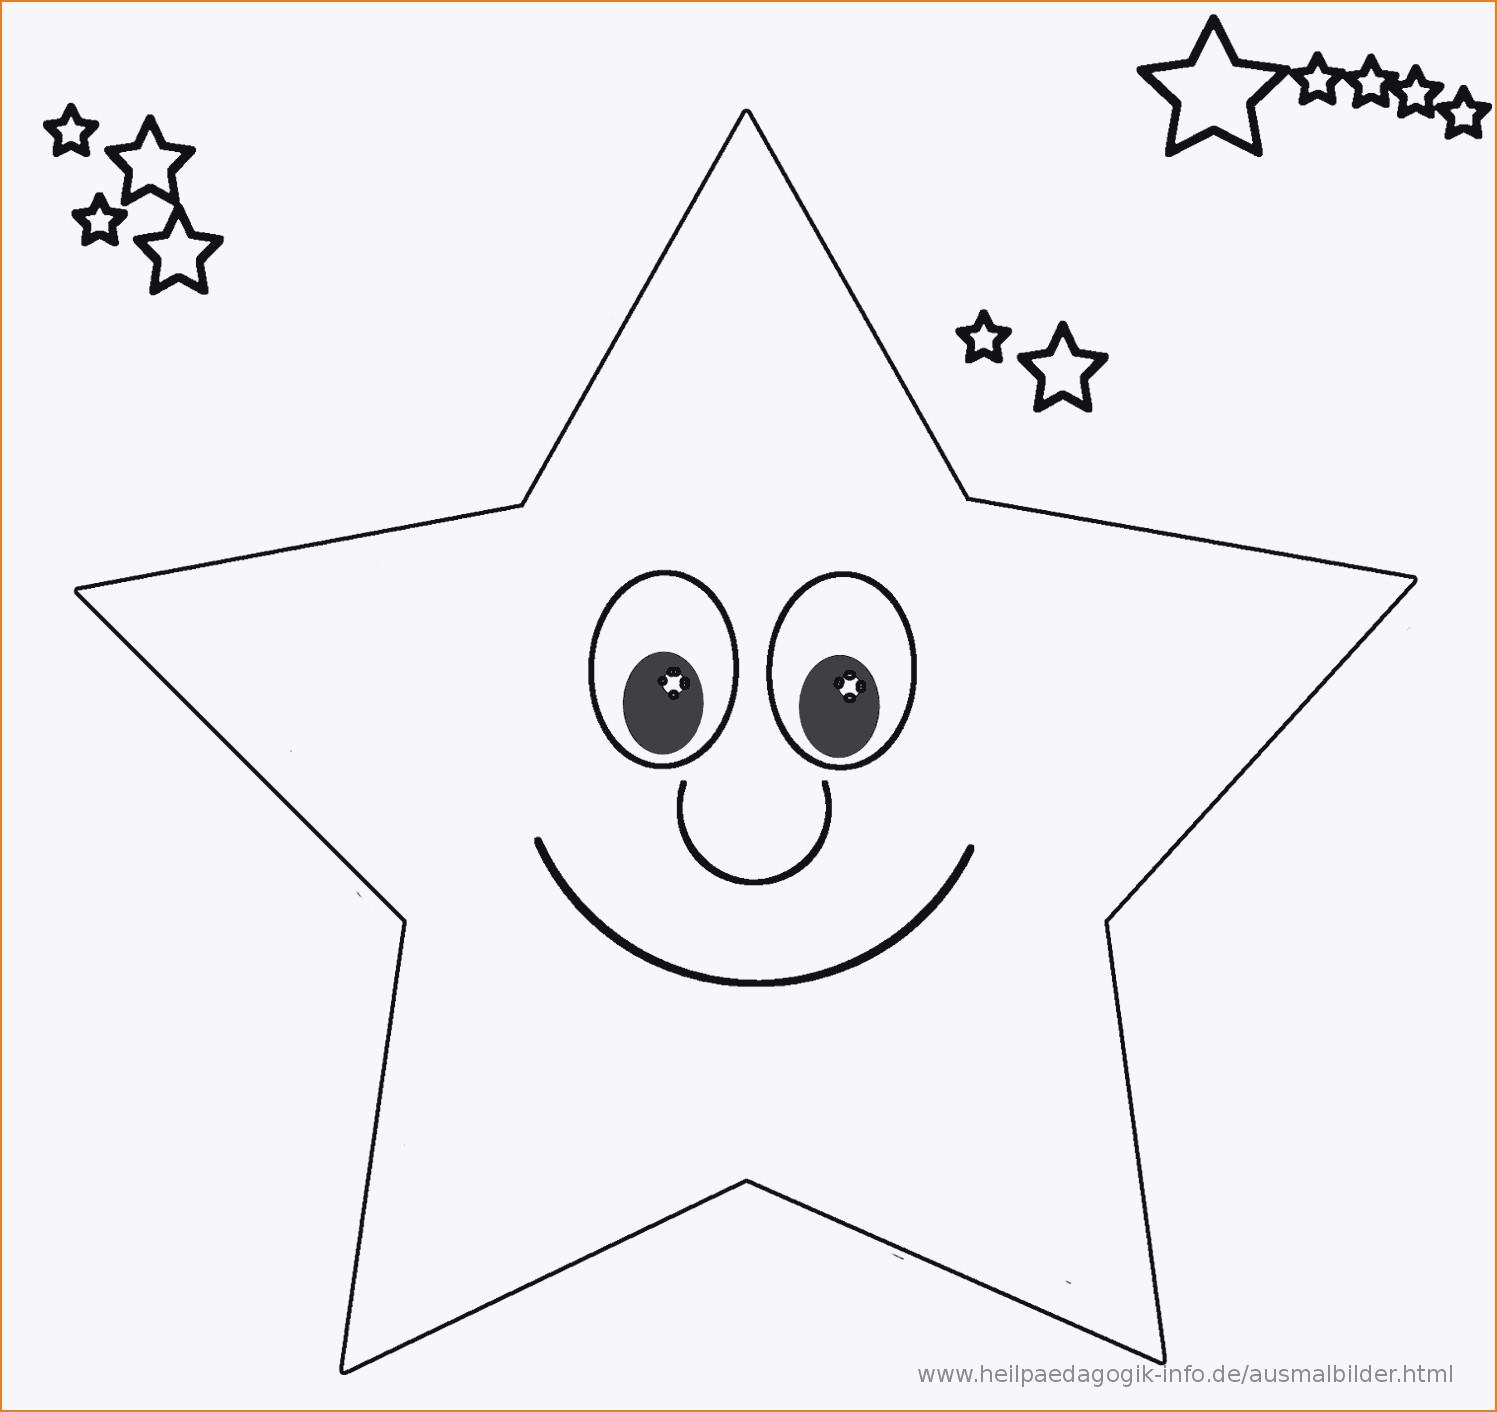 Ausmalbilder Weihnachten Sterne Neu Vorlage Stern Best 44 Malvorlagen Weihnachten Sterne Das Bild